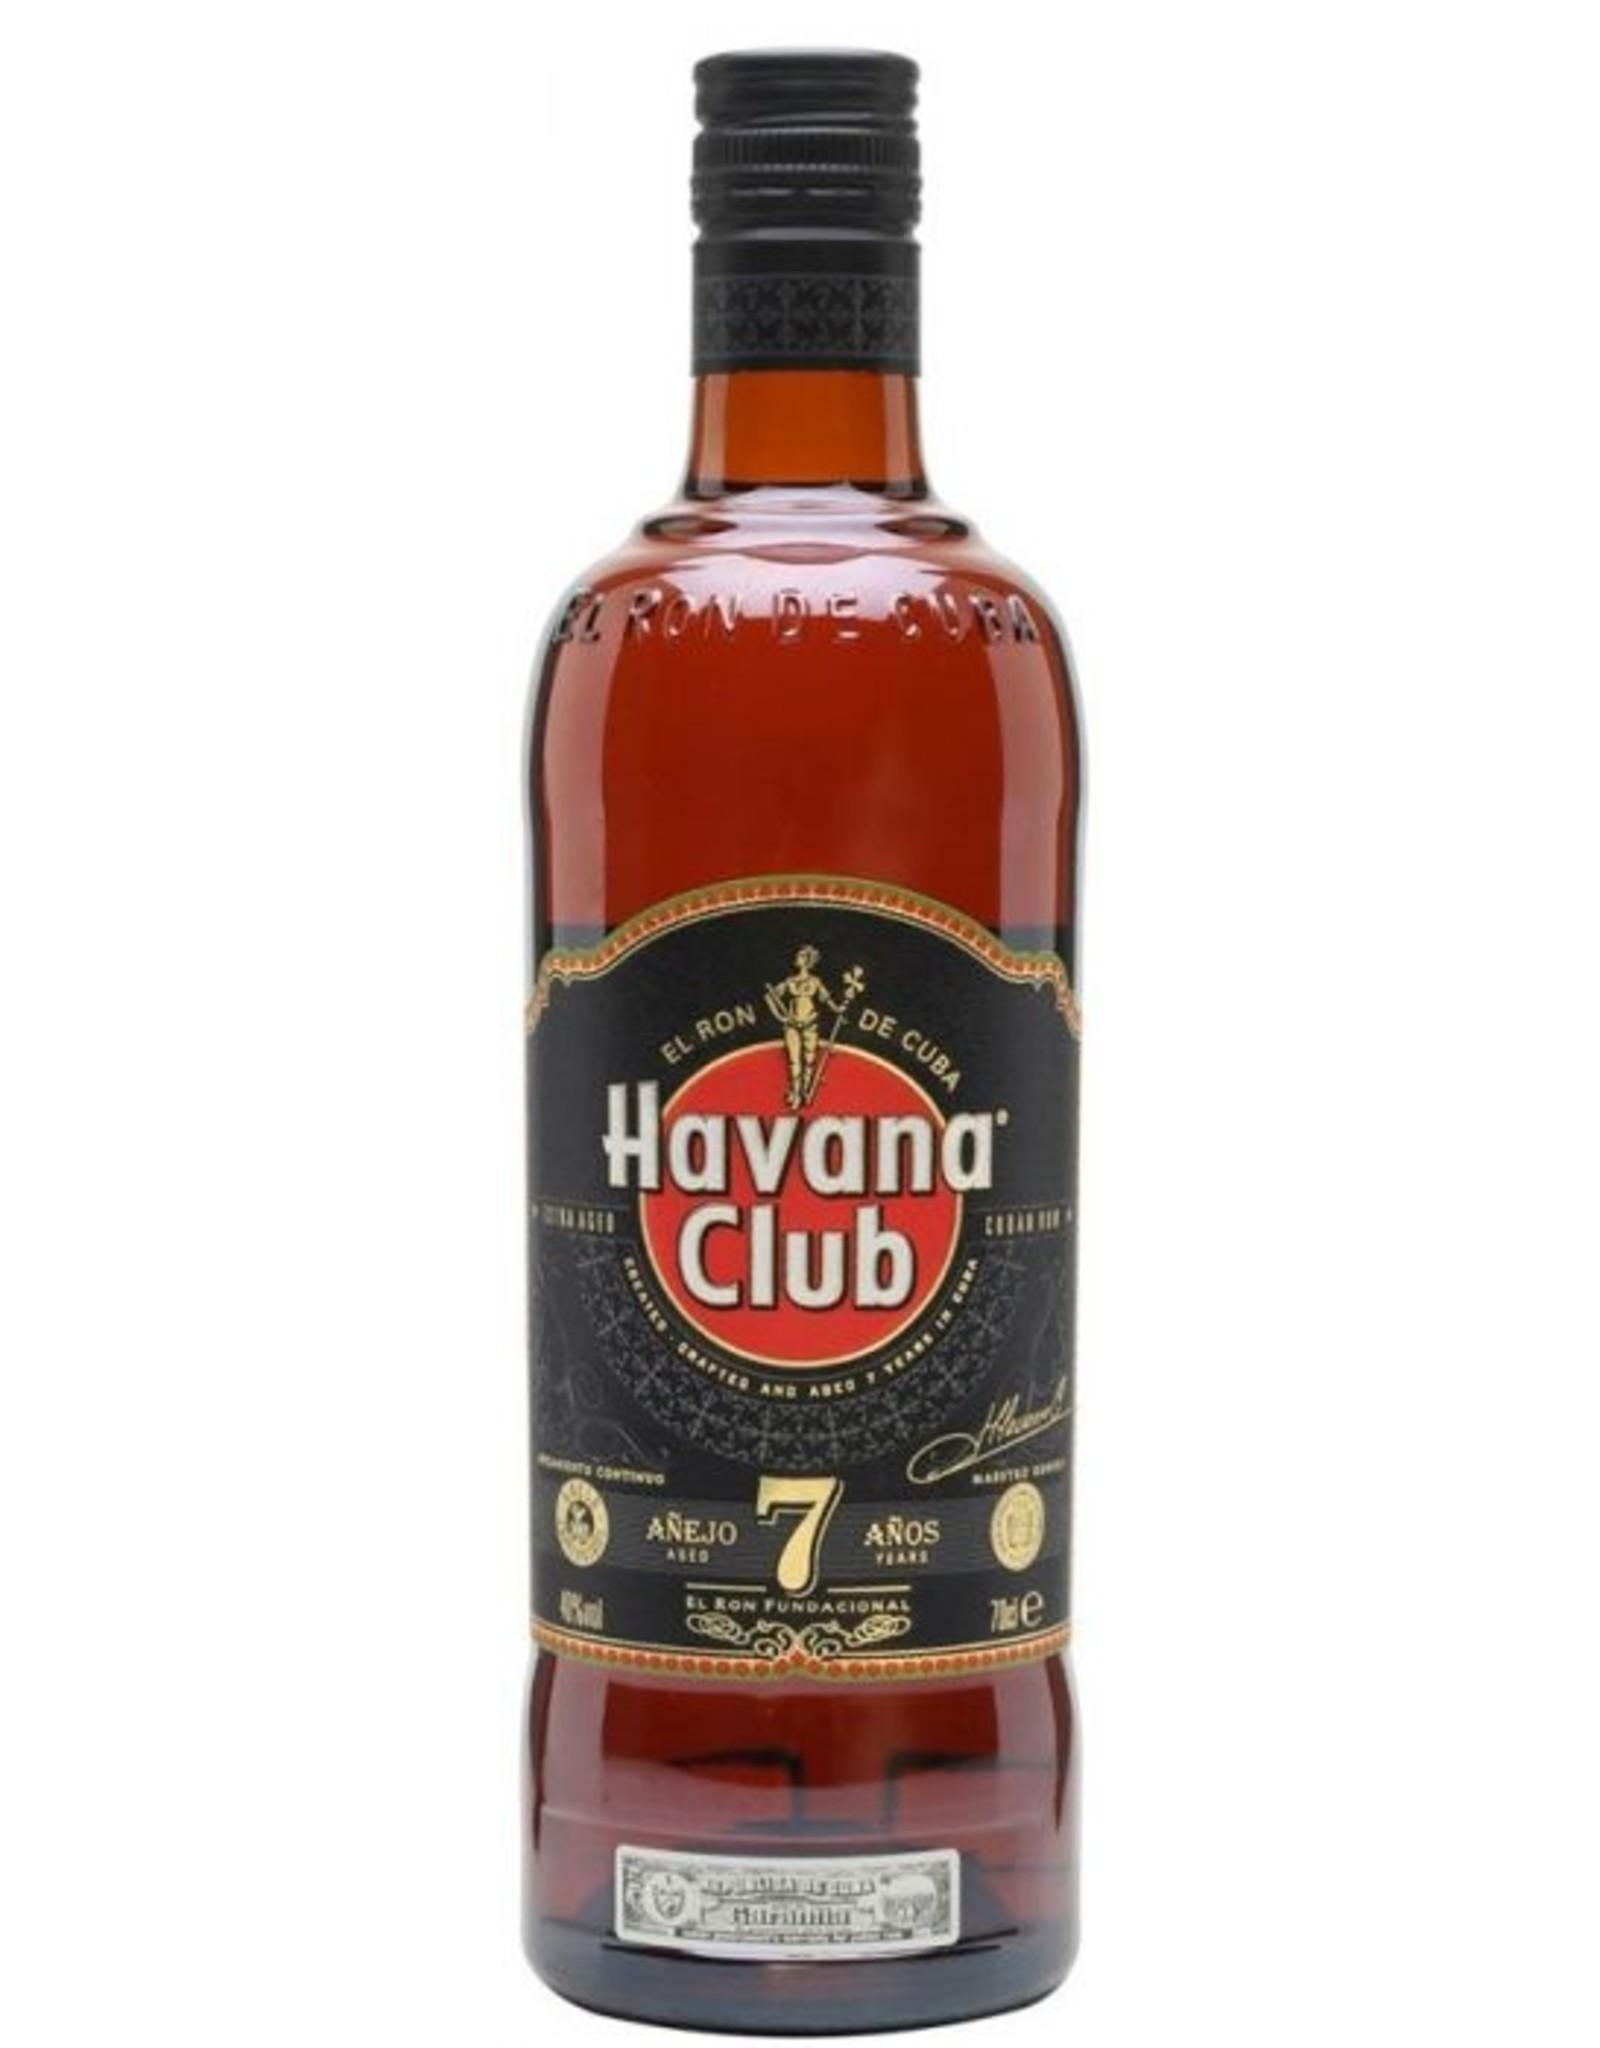 Havana Club Havana Club Anejo 7y brown 70cl